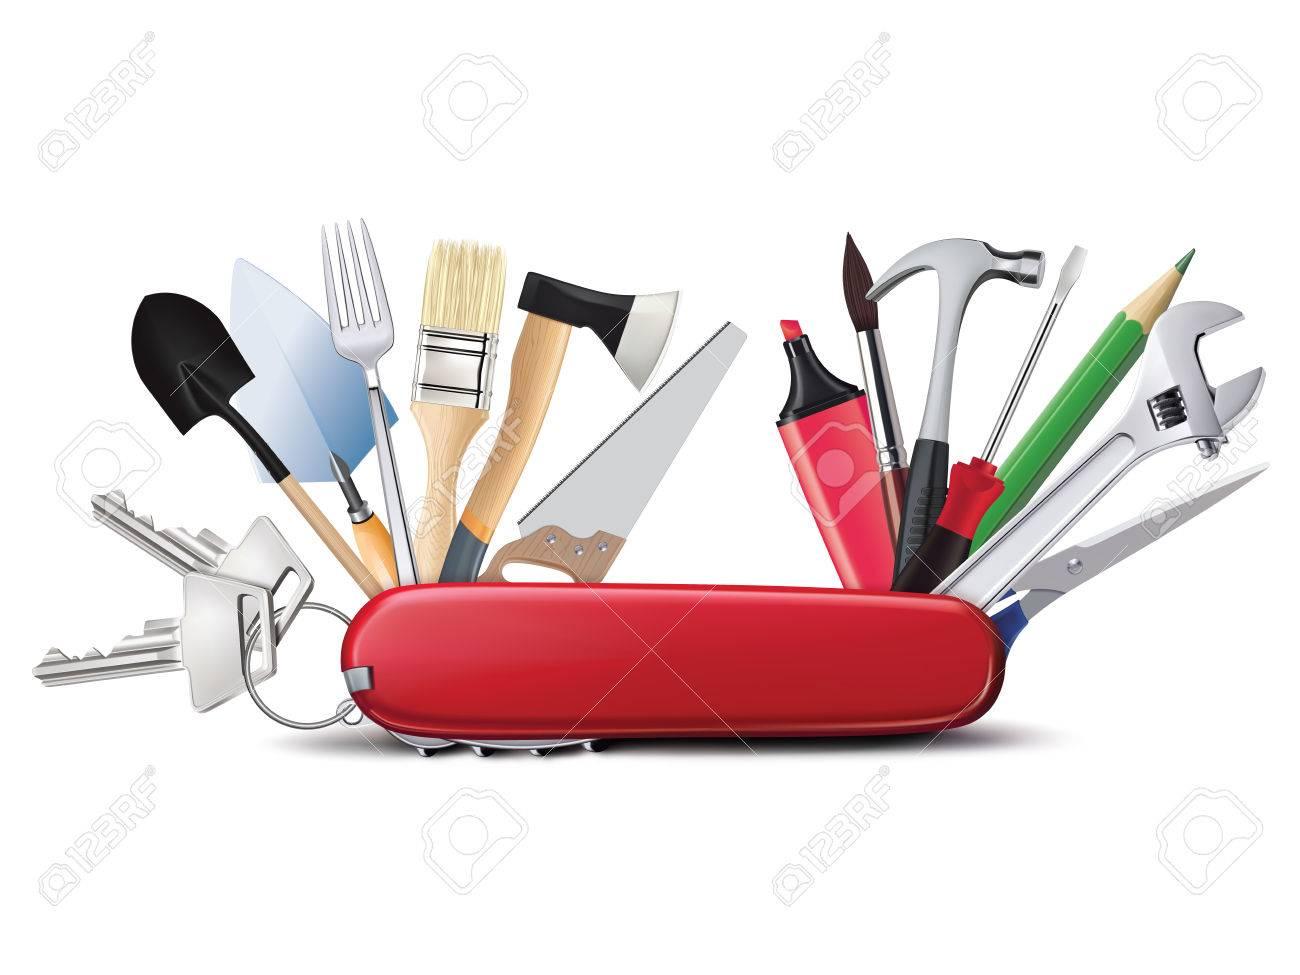 Couteau Suisse Avec Des Outils Universelle. Tout En Un ...